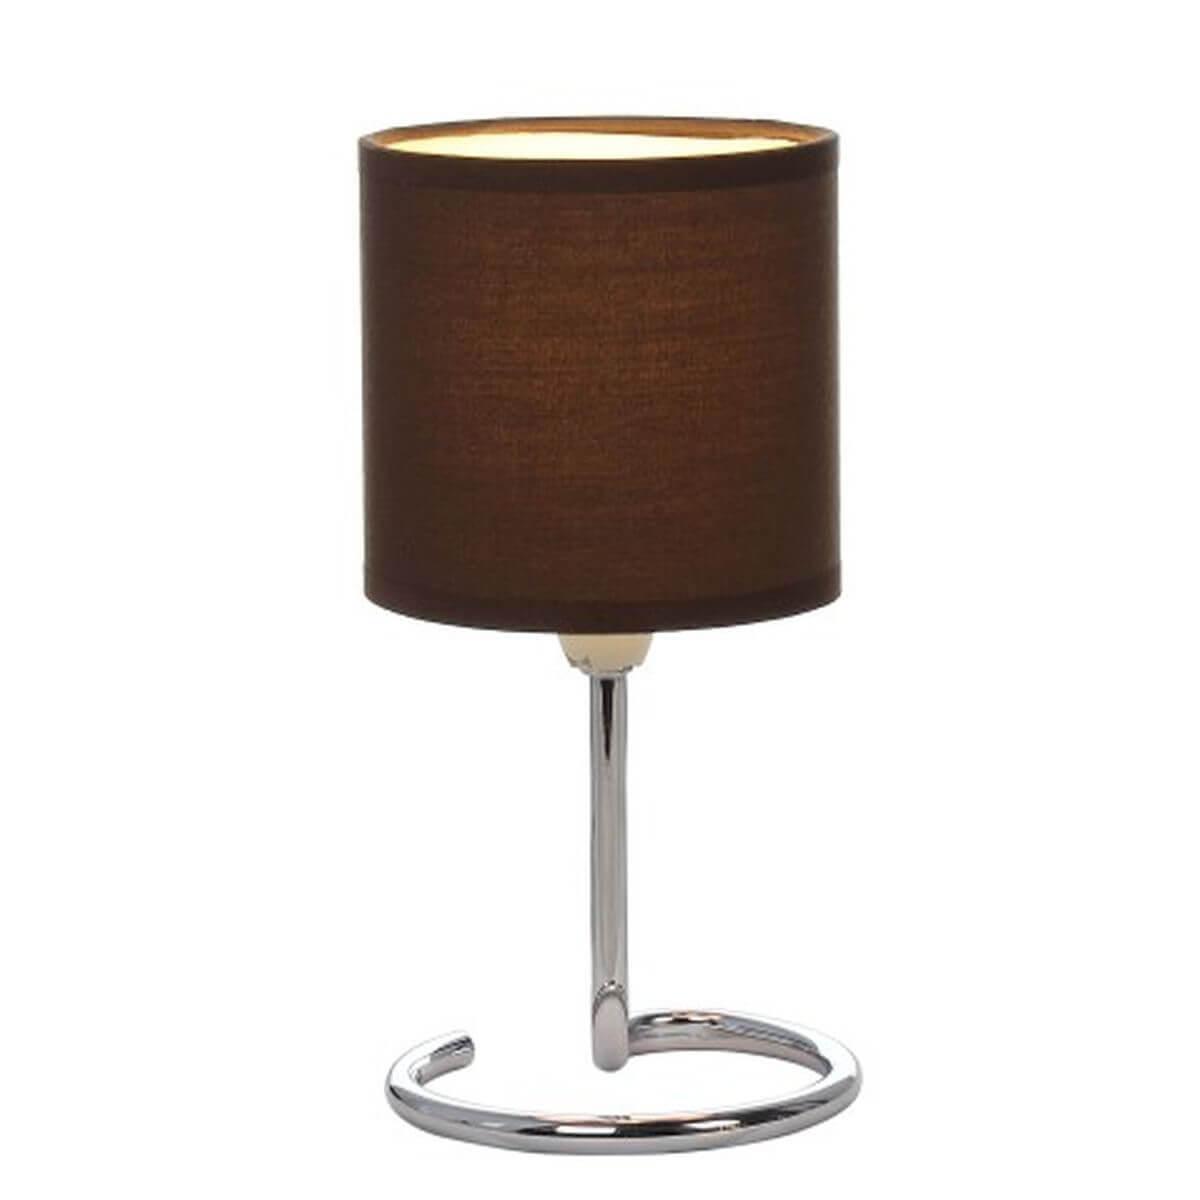 купить Настольная лампа Globo Elfi 24639DB по цене 1190 рублей